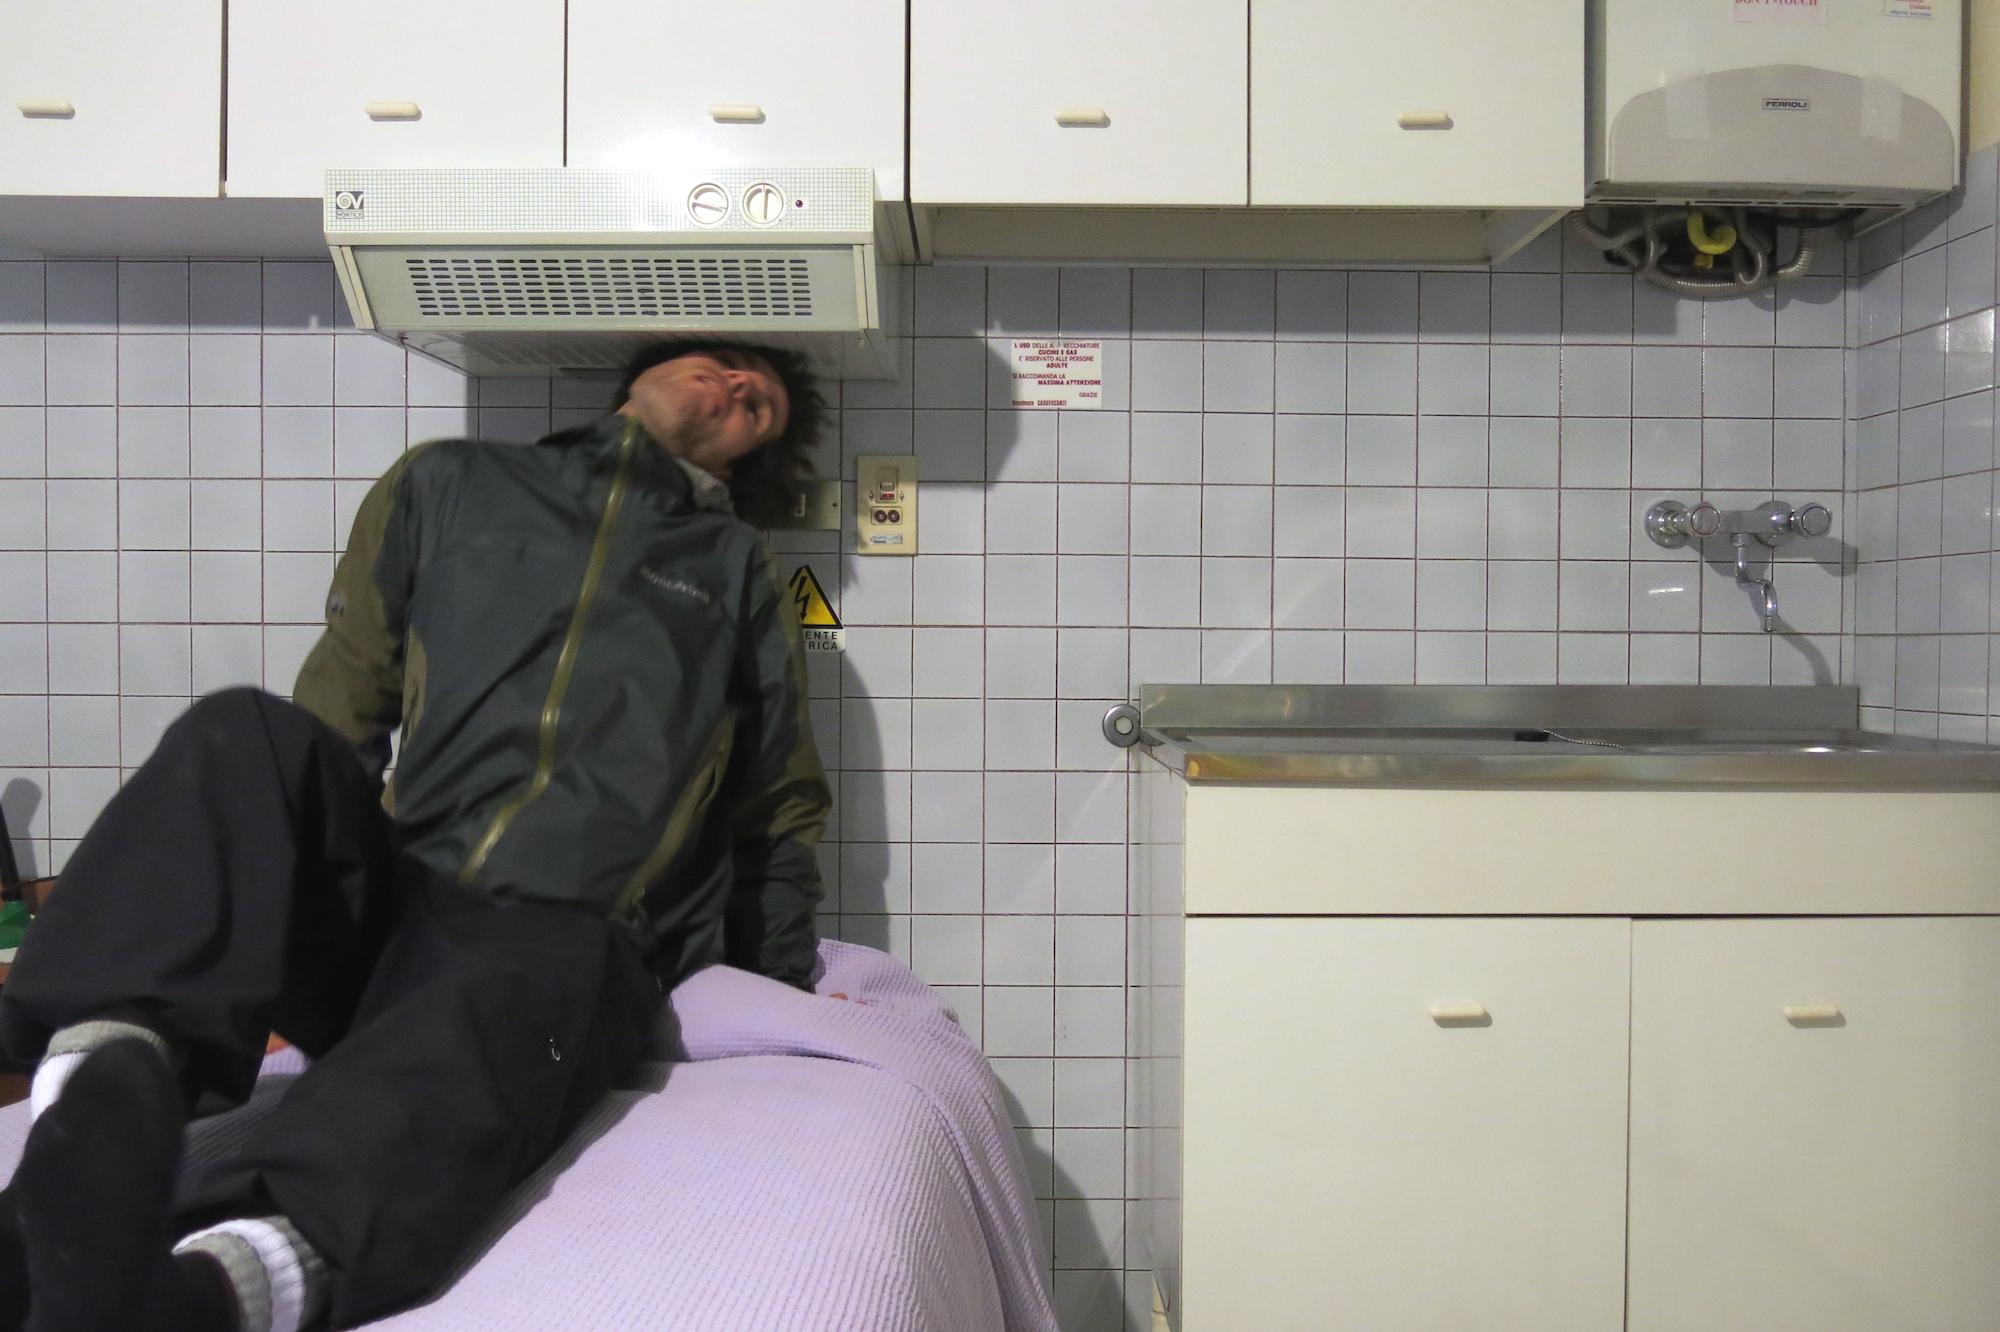 Asti, Zeit zum Luft holen. Neue Abzugssysteme garantieren ungestörten Schlaf, selbst bei schlechtem Atem des Bettnachbars.